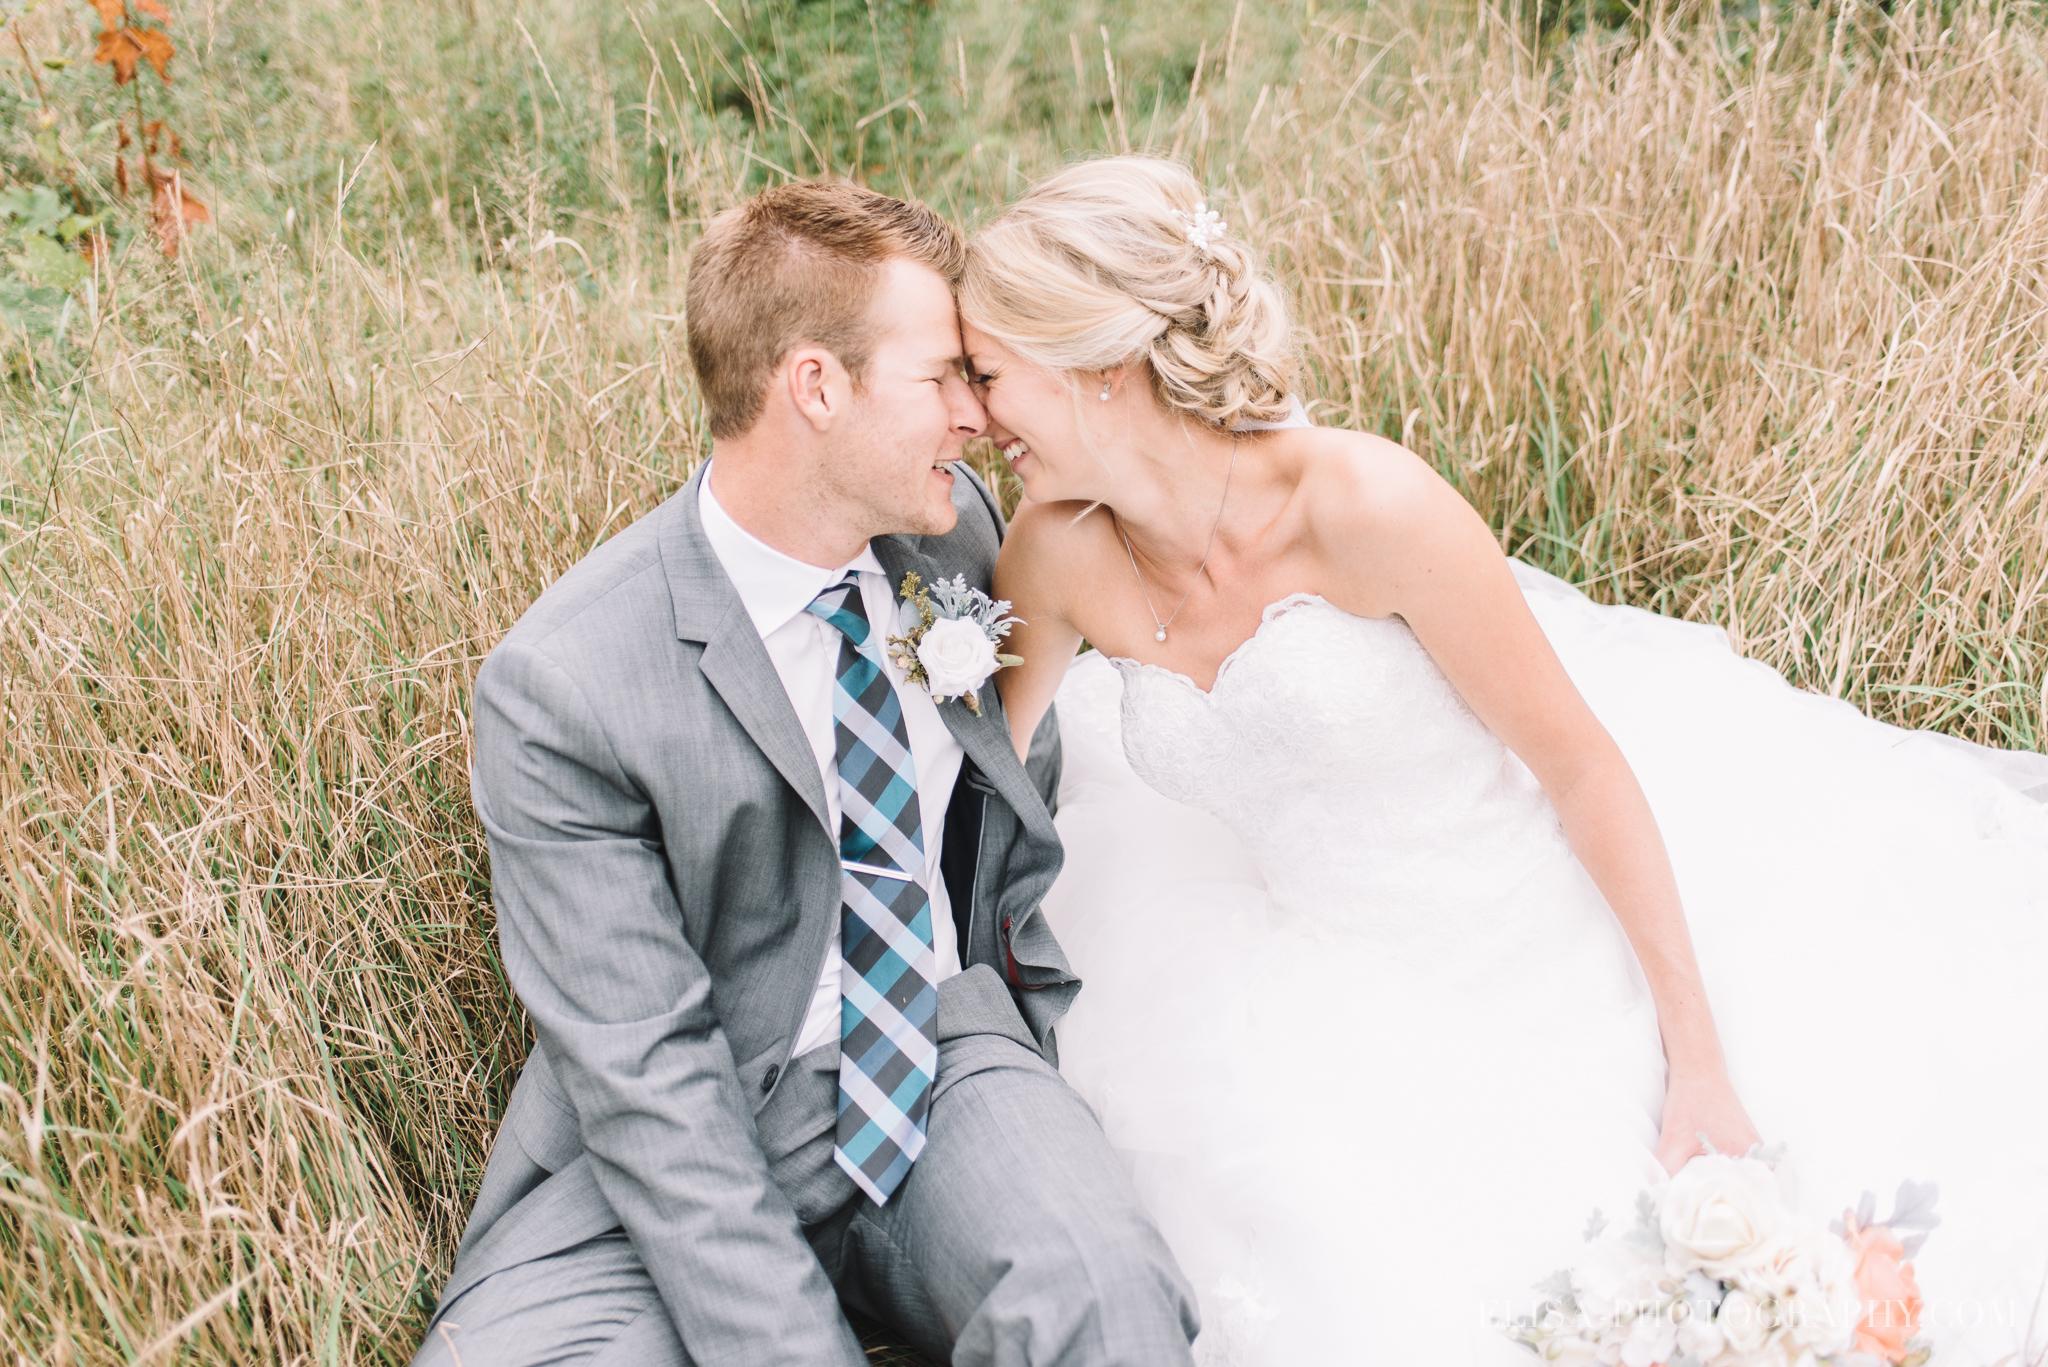 mariage duchesnay plage portrait couple photo 0295 - notre style de photographie